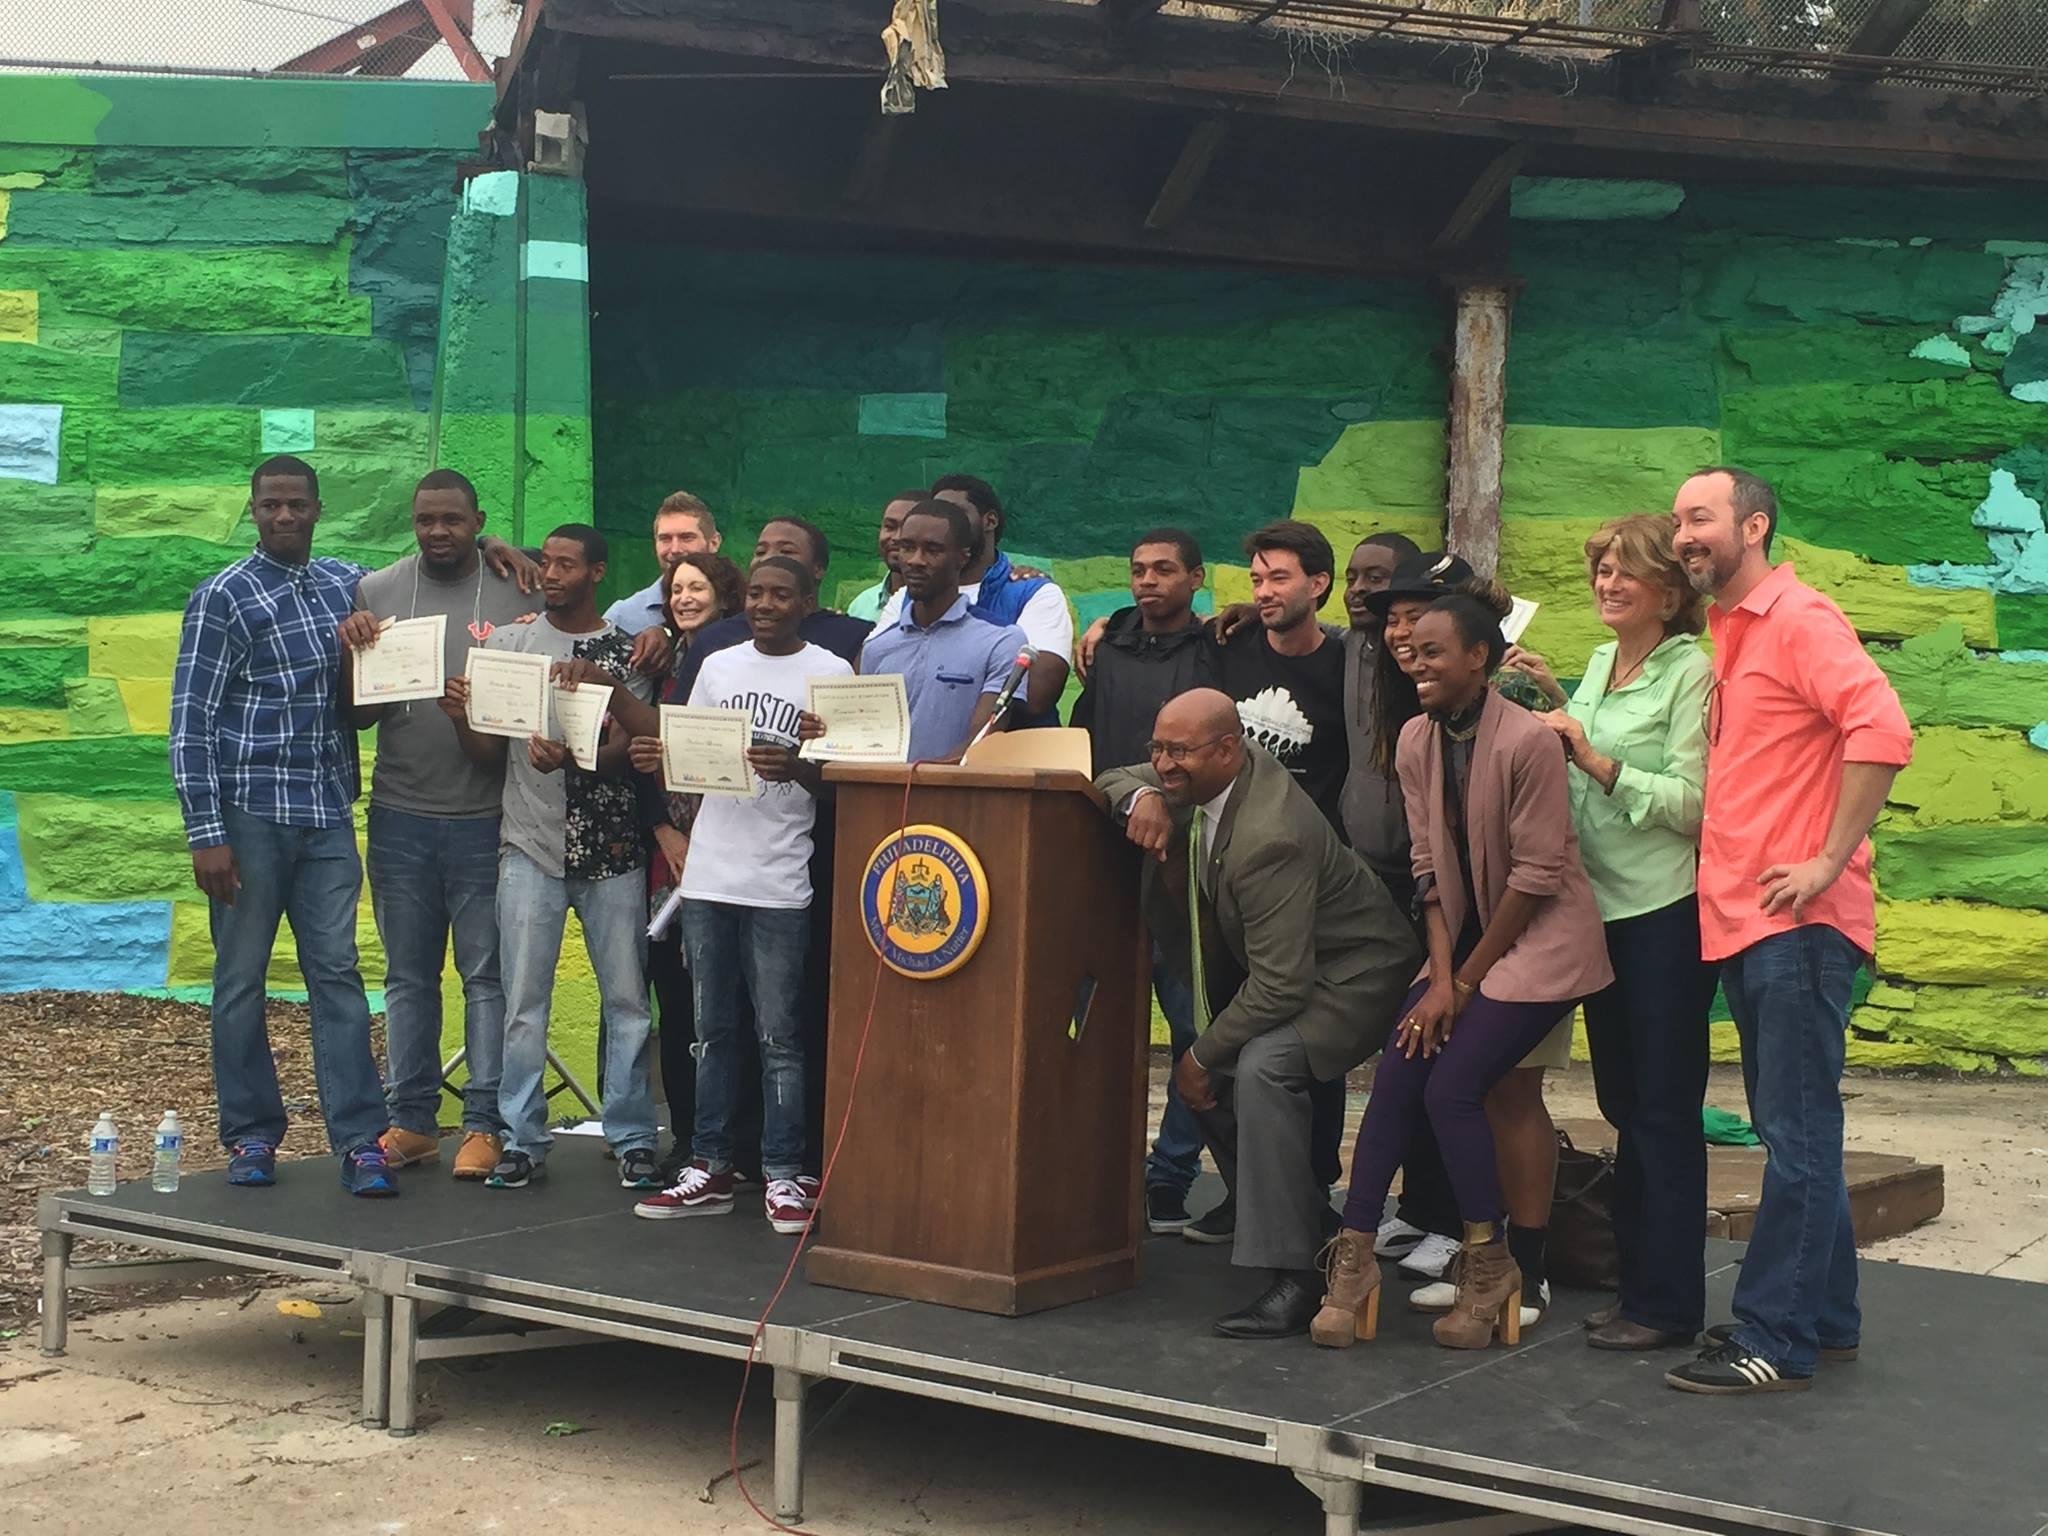 Members of Urban Creators